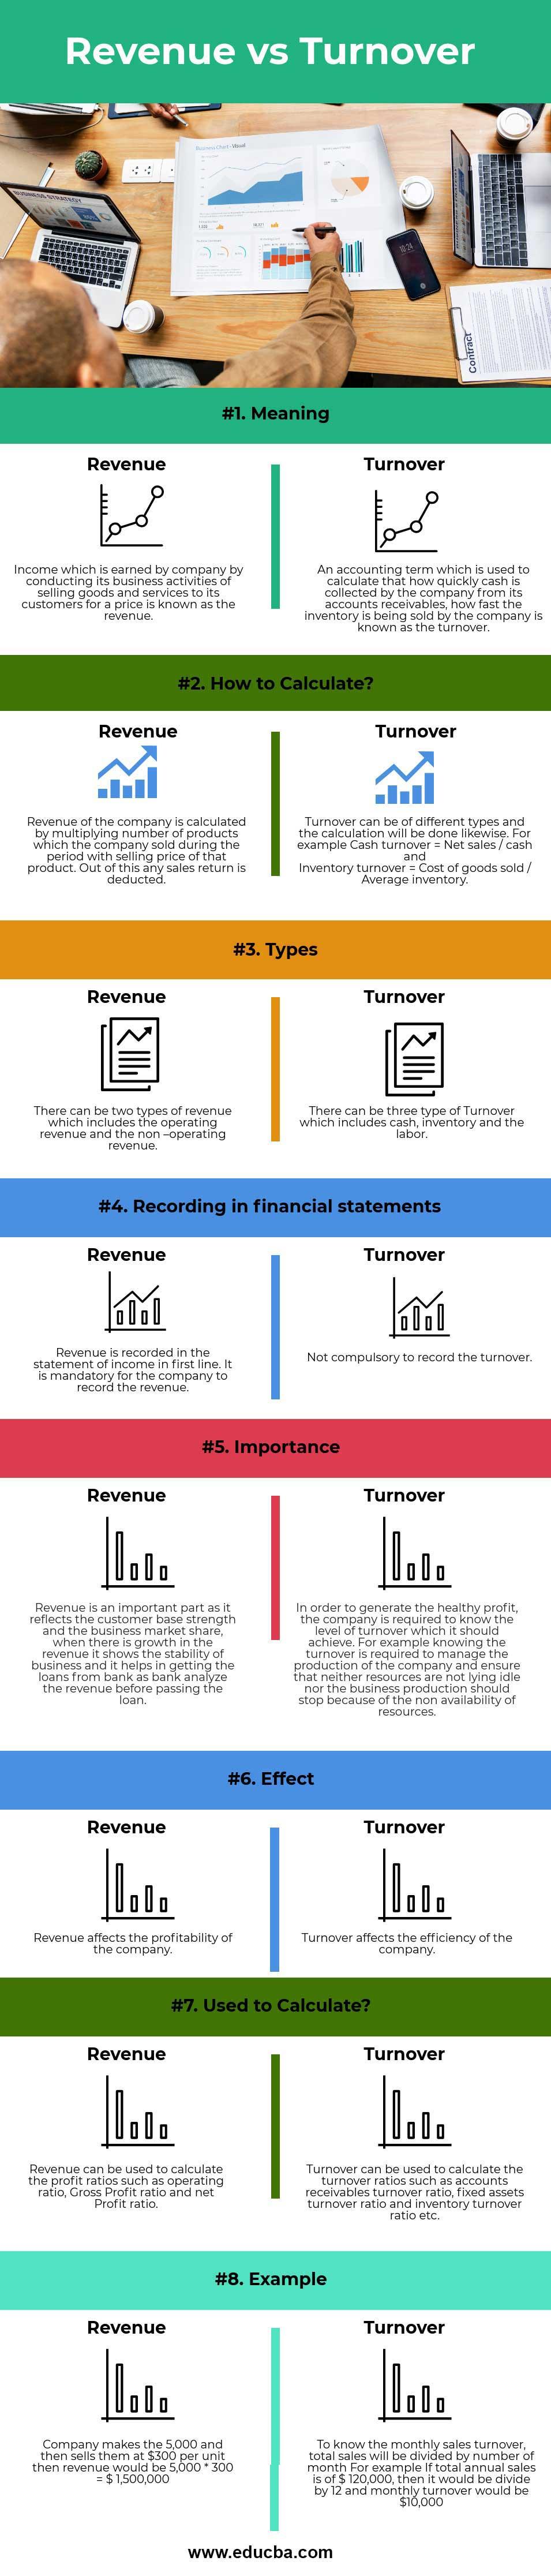 Revenue vs Turnover-info